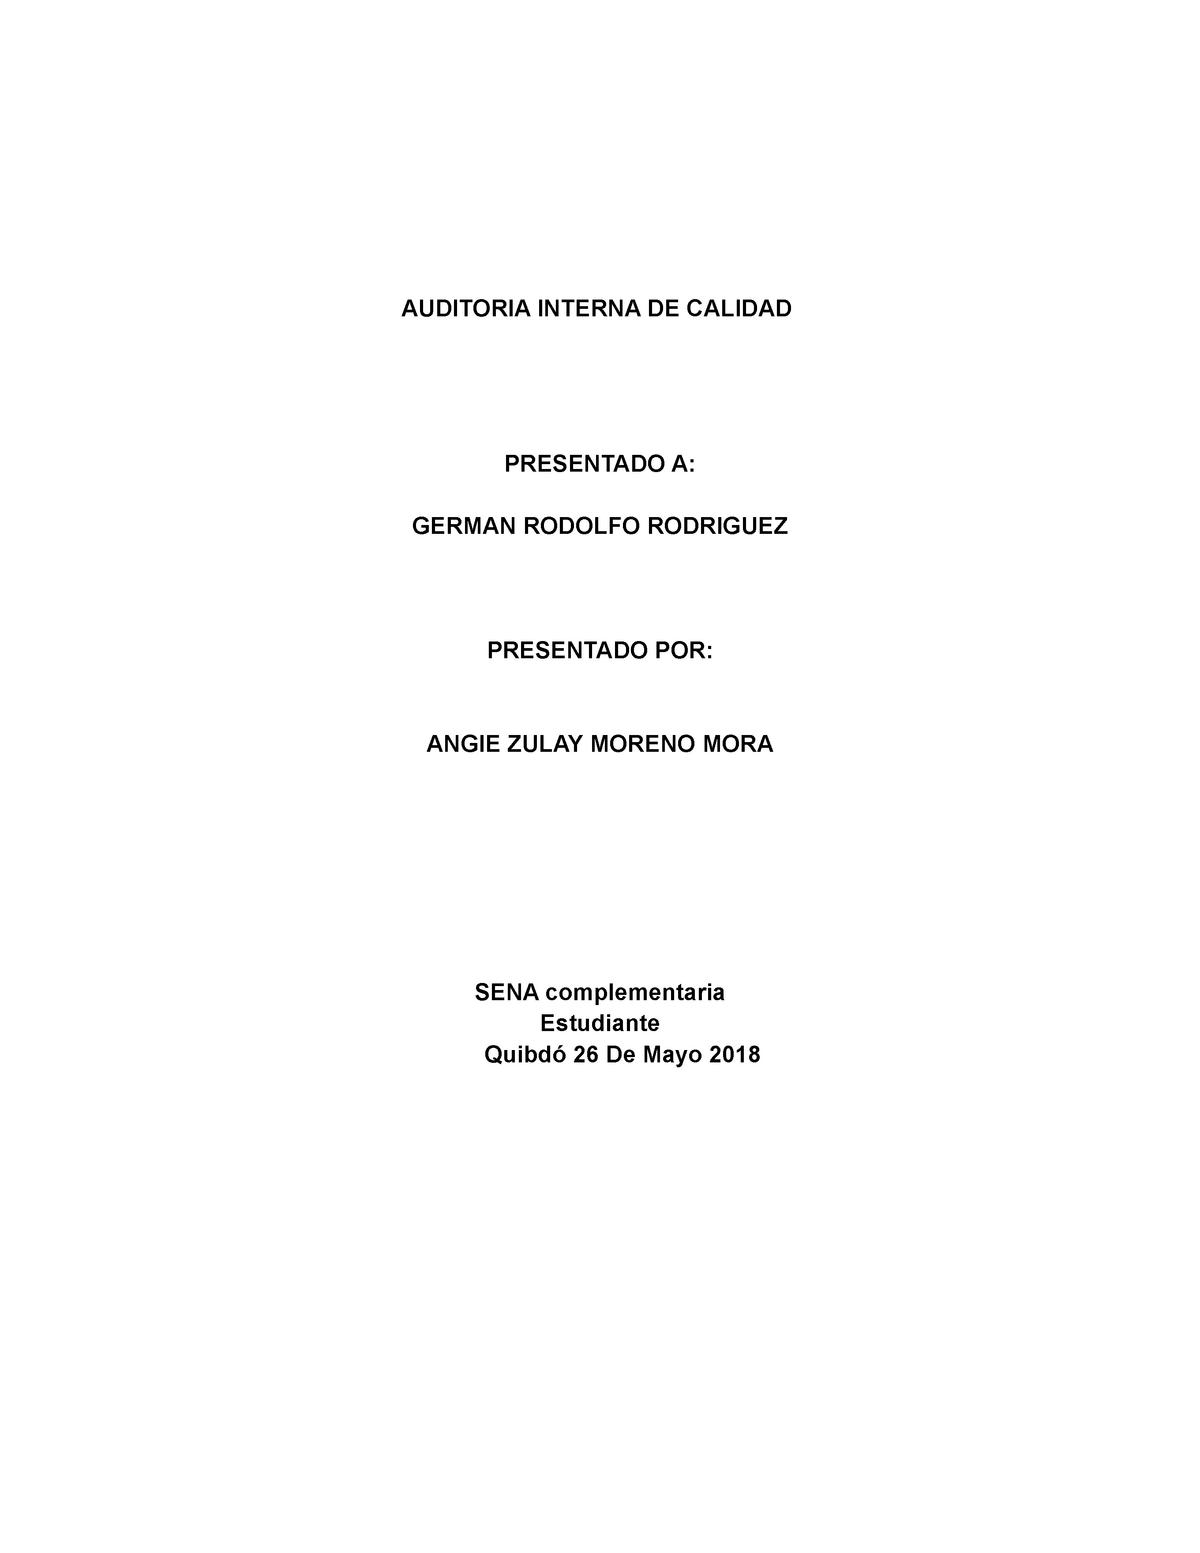 procedimiento mandatorio de auditoria interna de calidad iso 9001